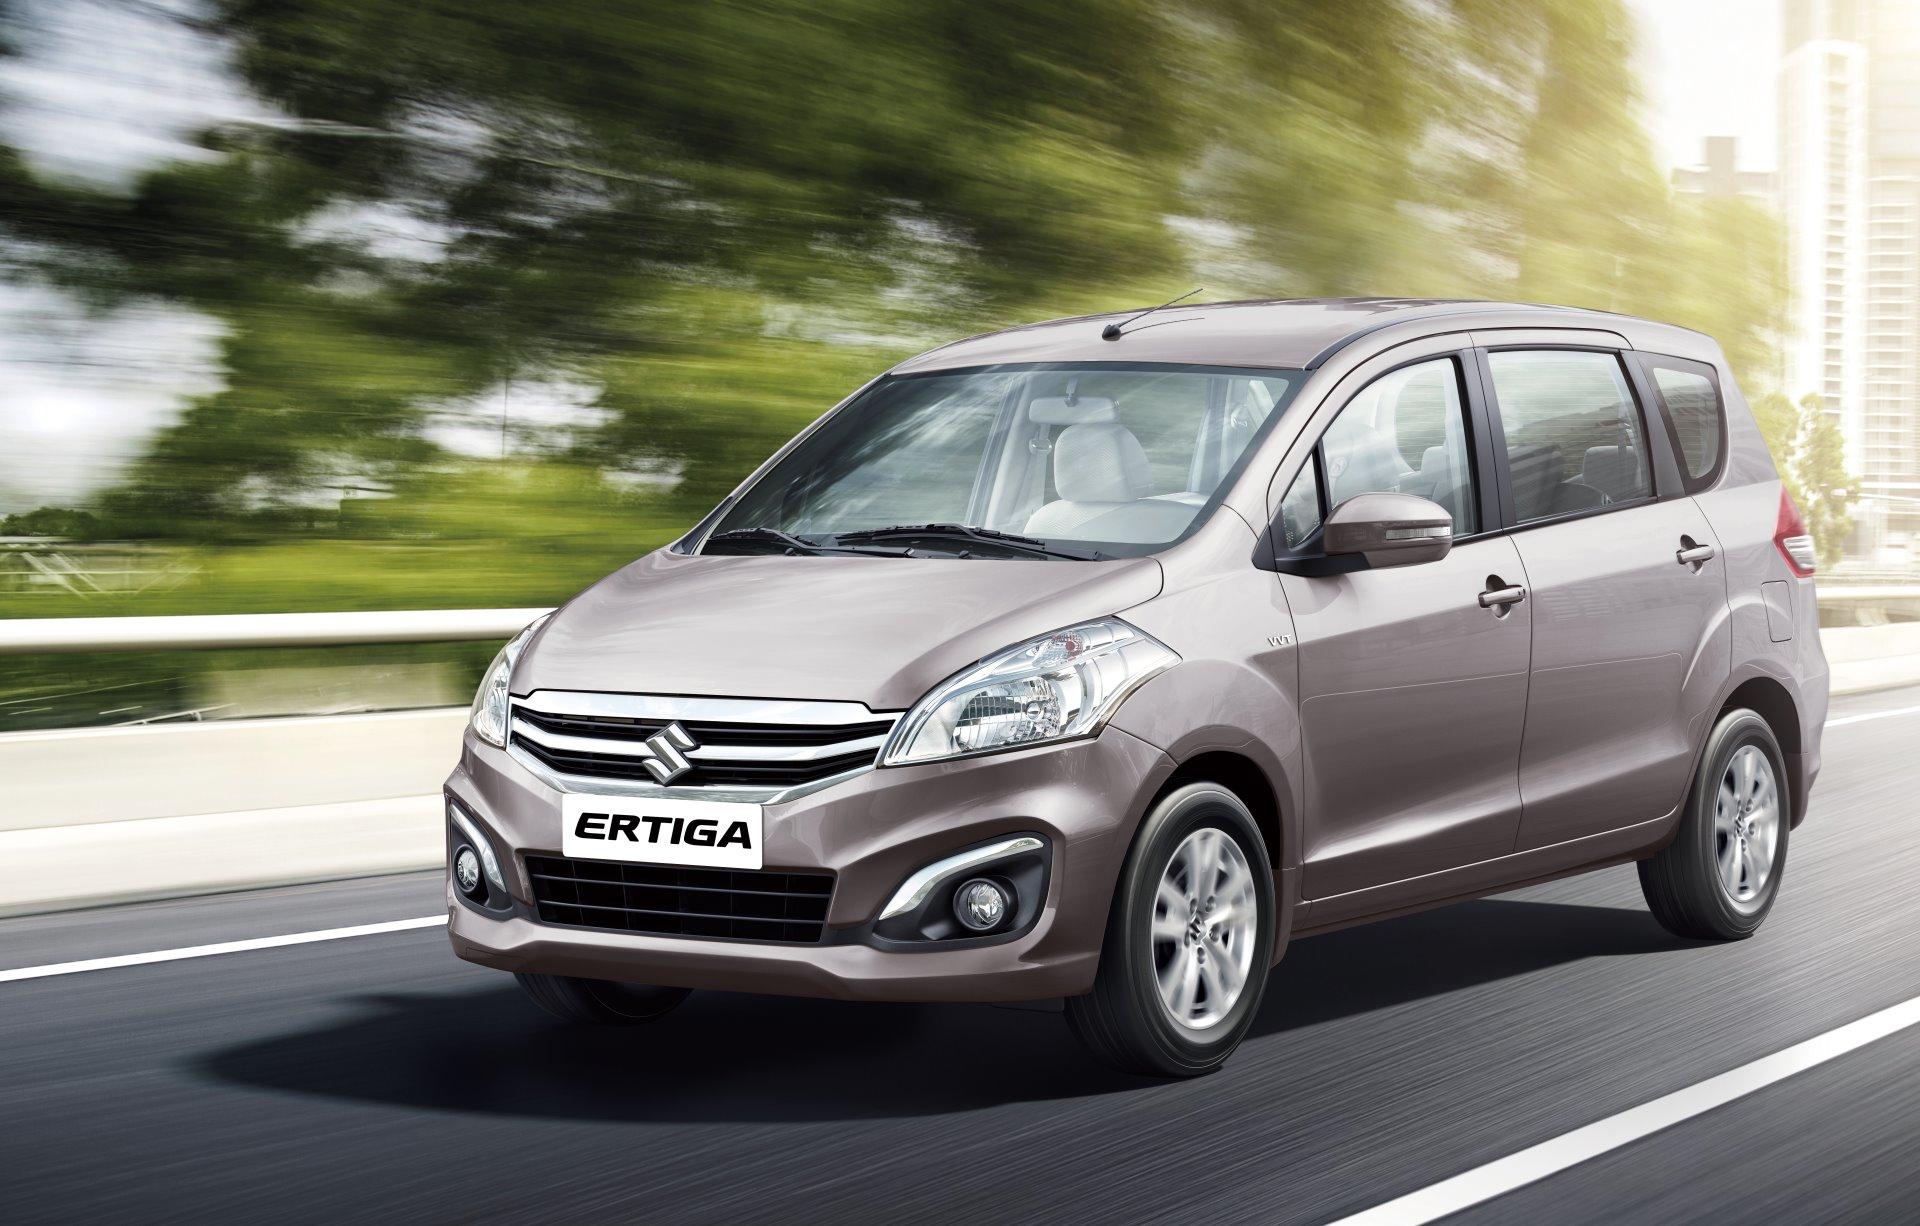 Những mẫu ô tô được dự báo giảm giá trong năm 2018 - 7